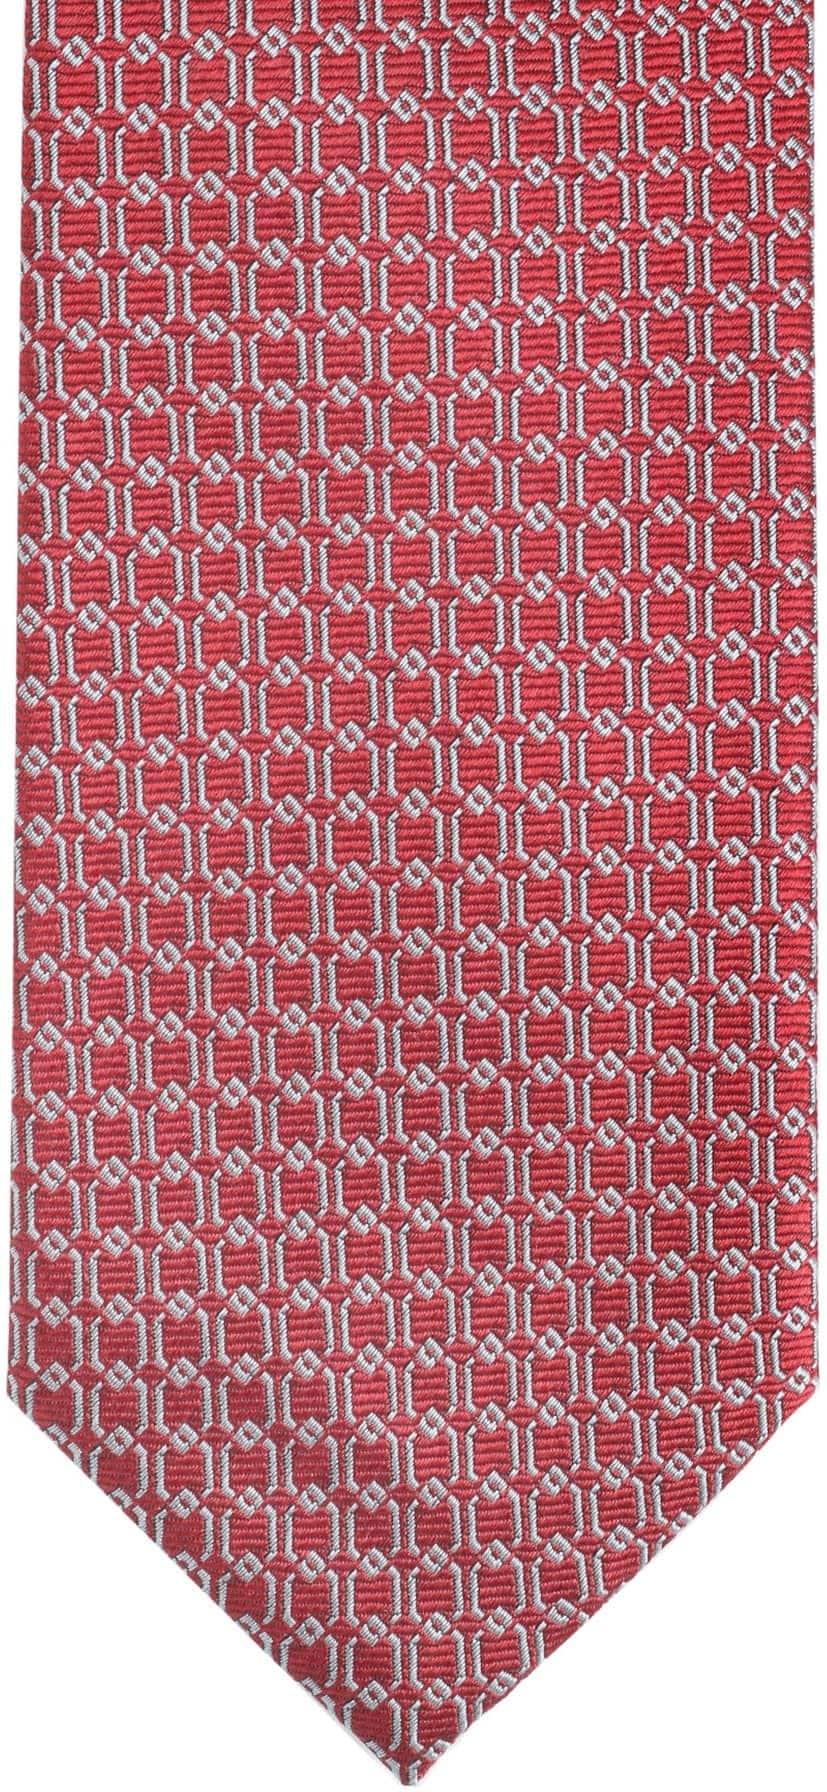 Krawatte Seide Dessin Rot Gitter foto 2